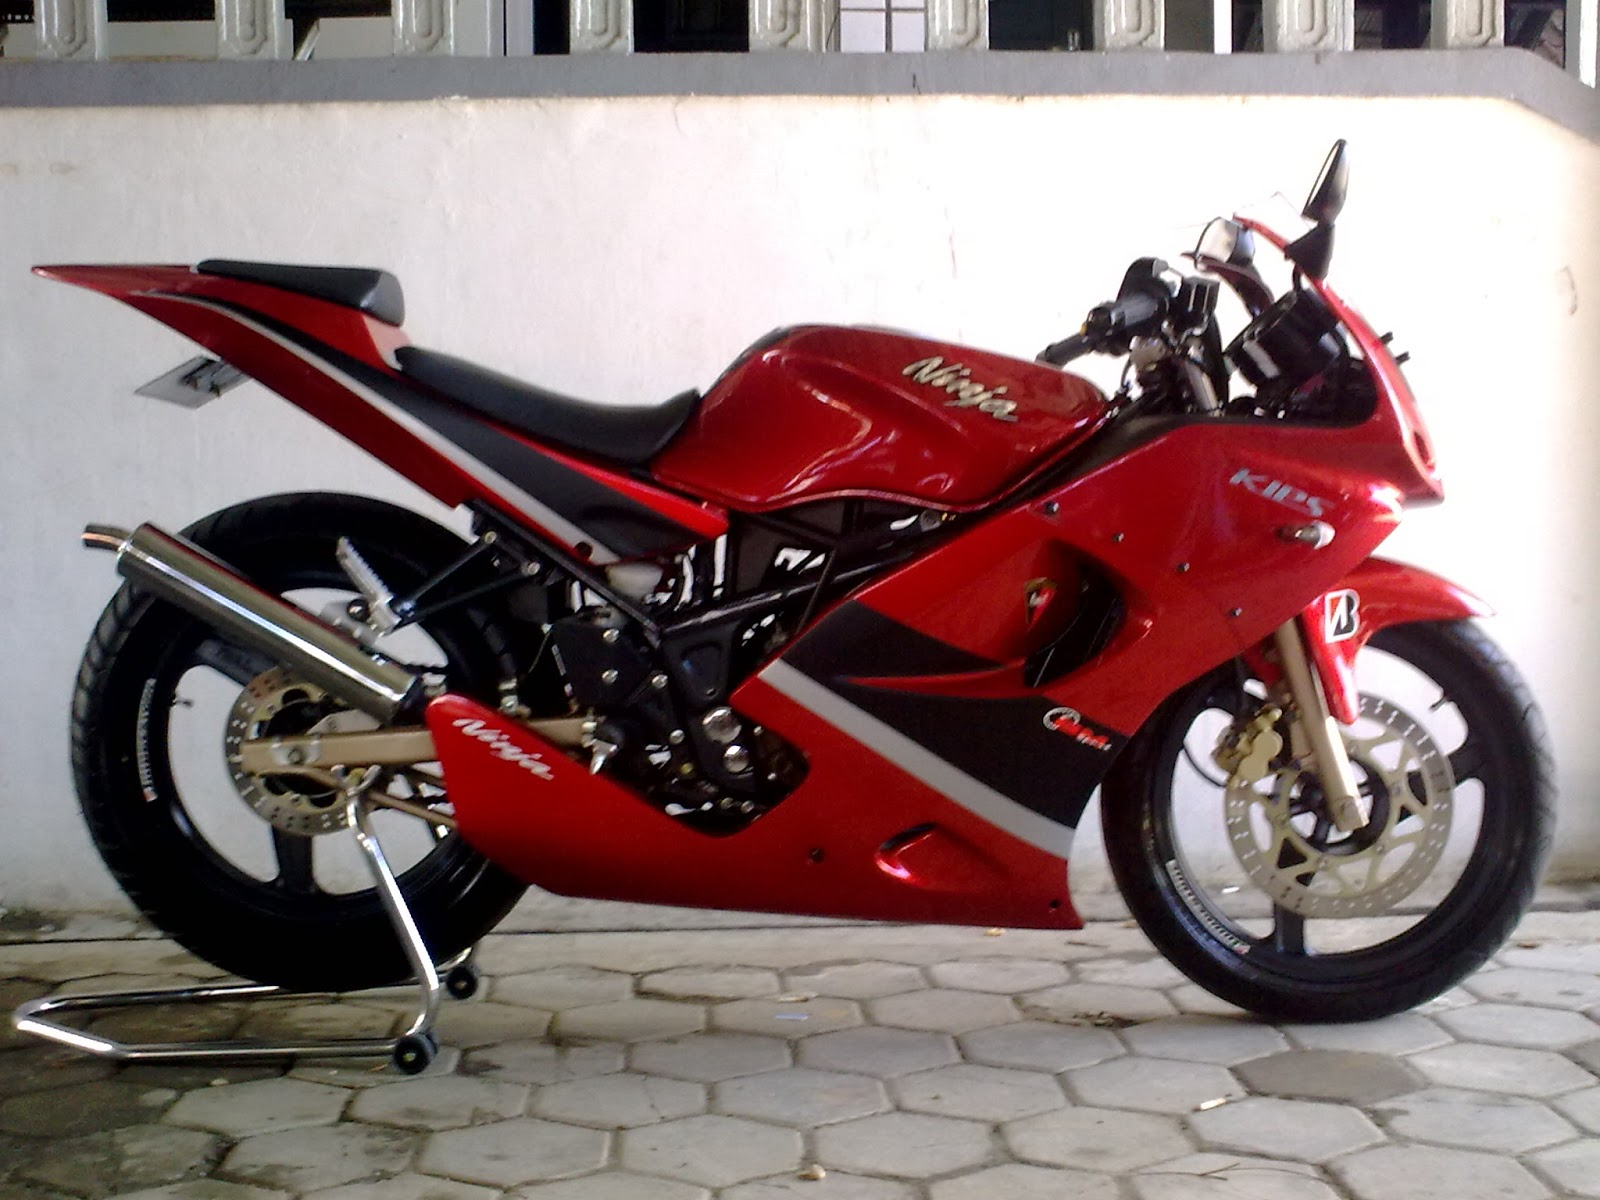 Kawasaki Ninja 150rr Siap Hebohkan Kalangan Pecinta Motor Sport title=